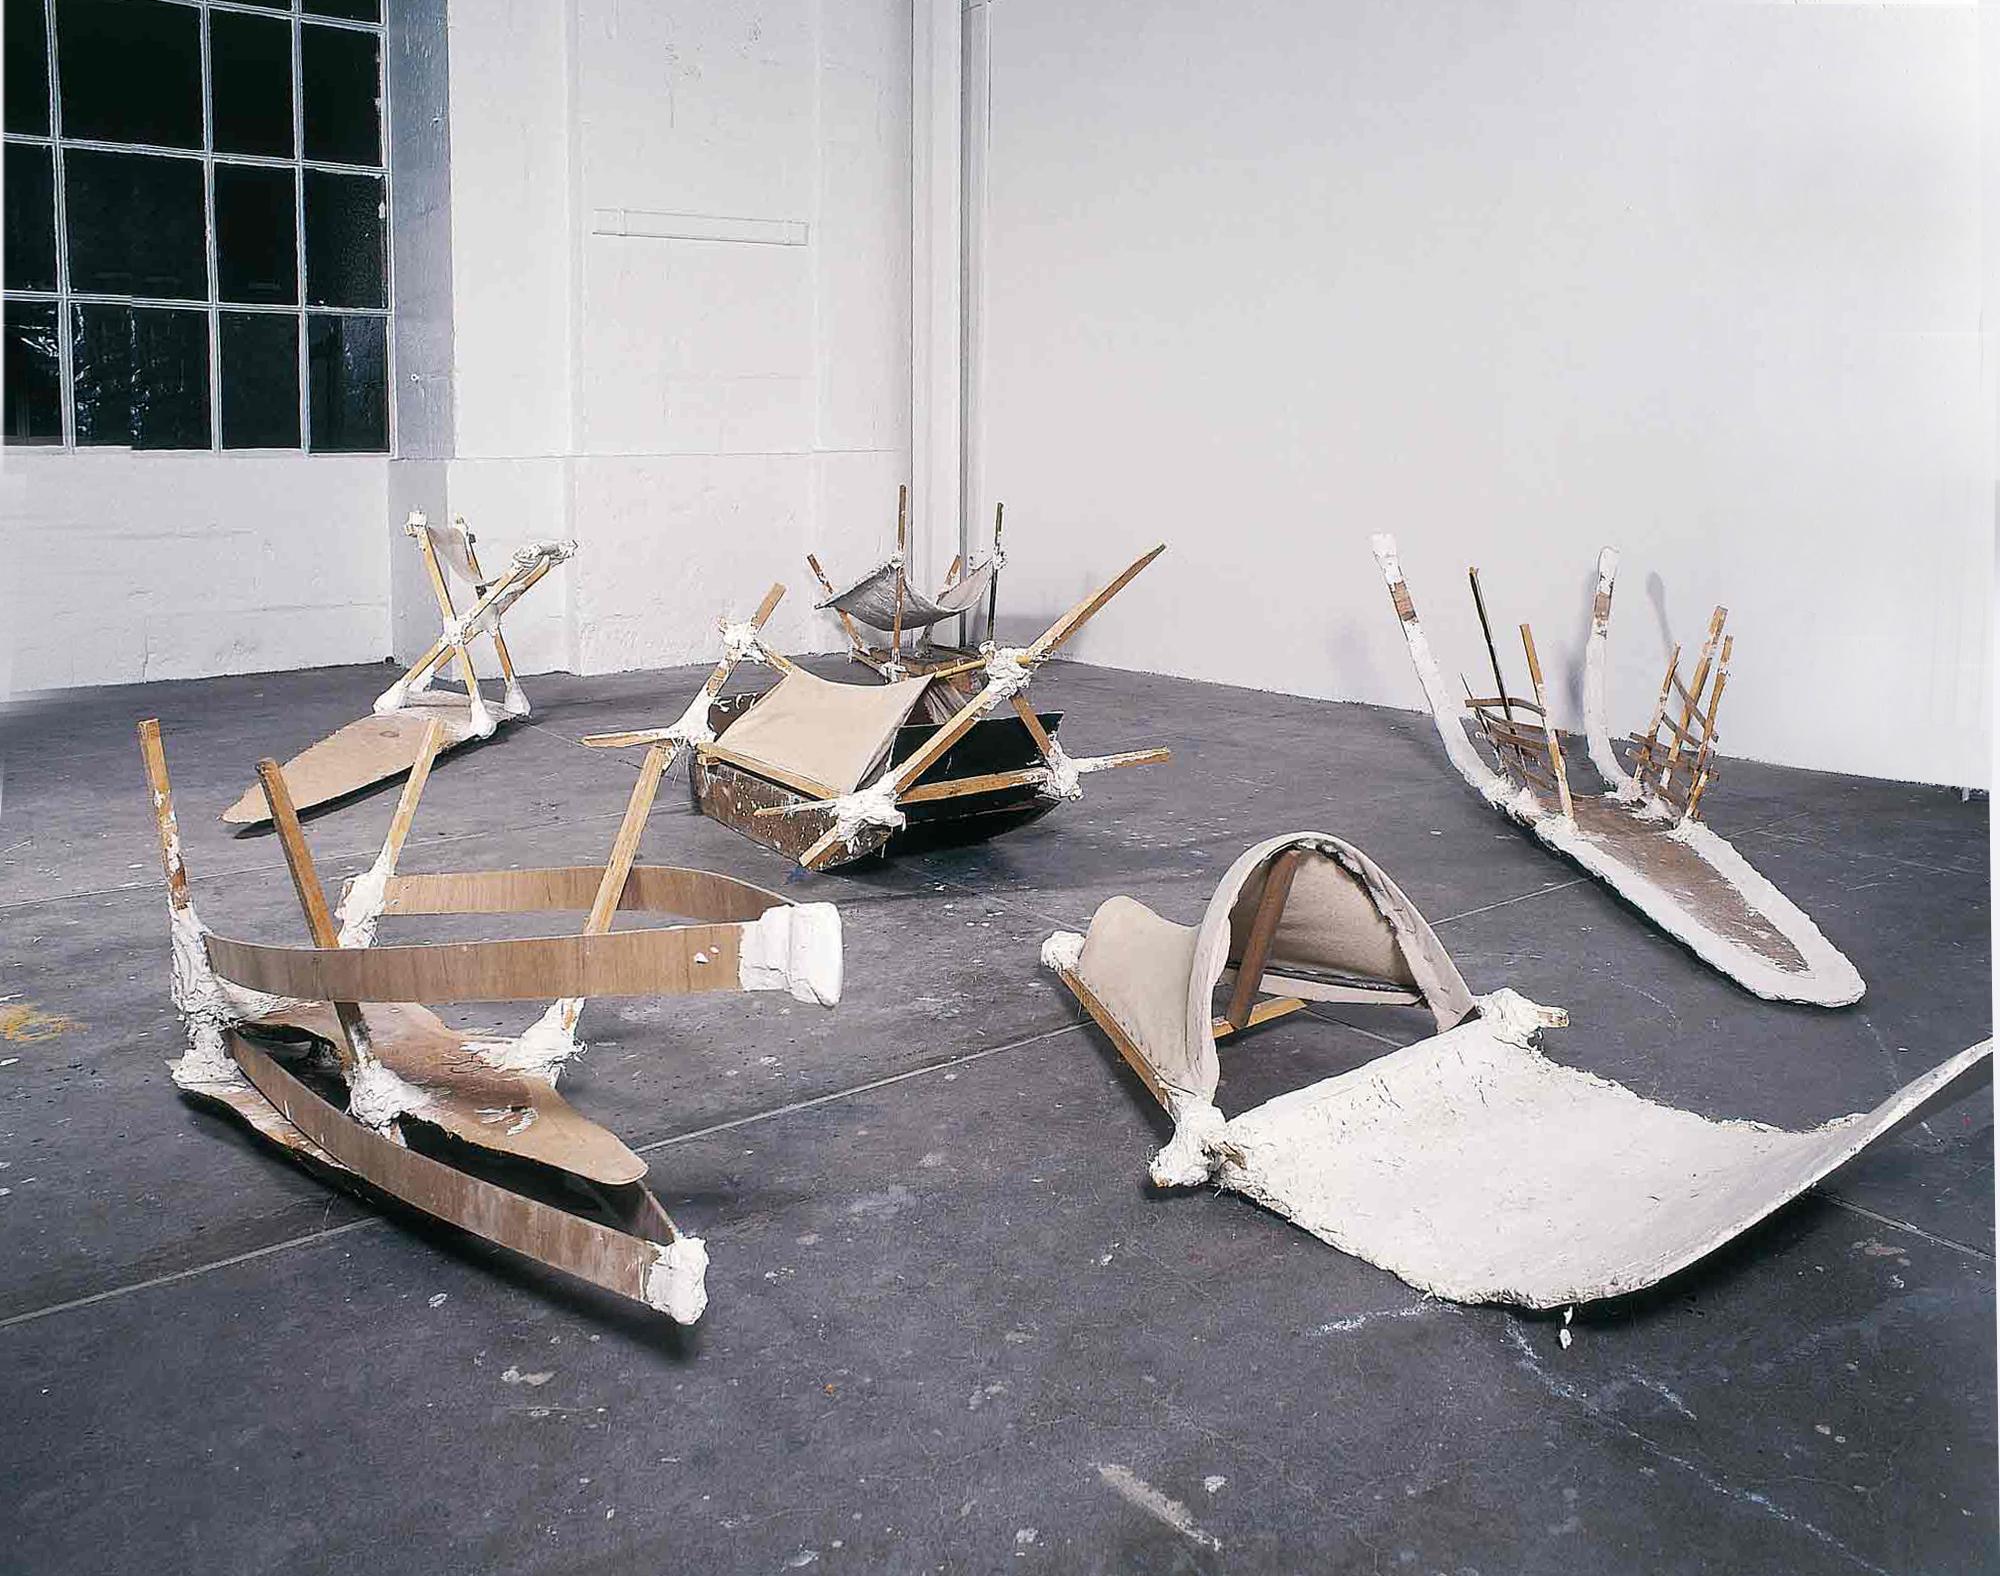 Les luges - 1991 - Plâtre, bois, tissu. Denis Falgoux